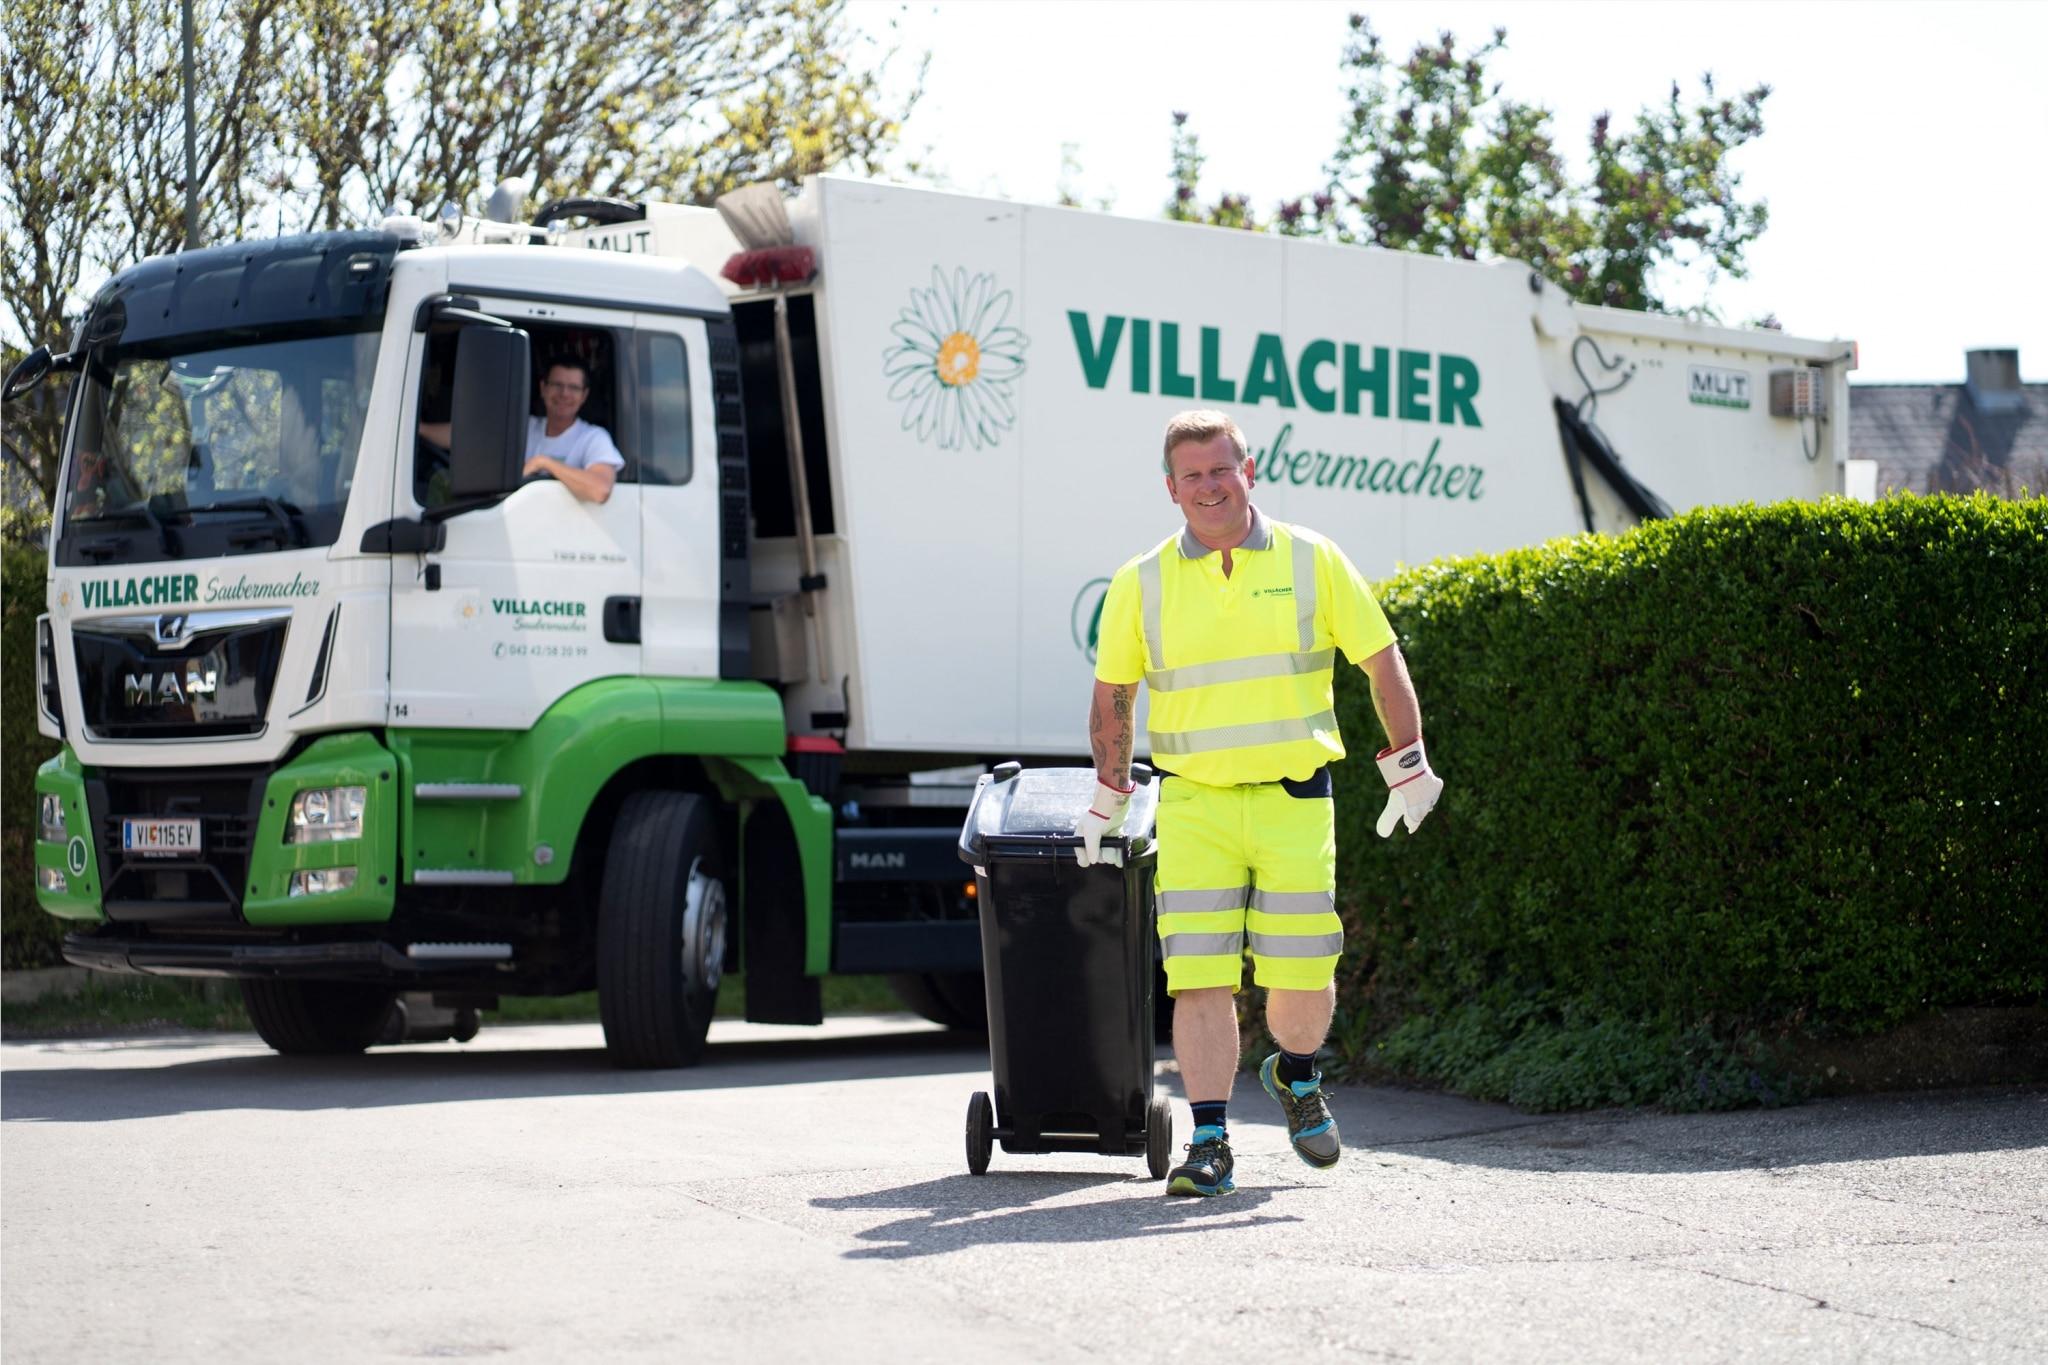 Villacher Saubermacher bietet vielfältige kommunale Dienstleistungen an